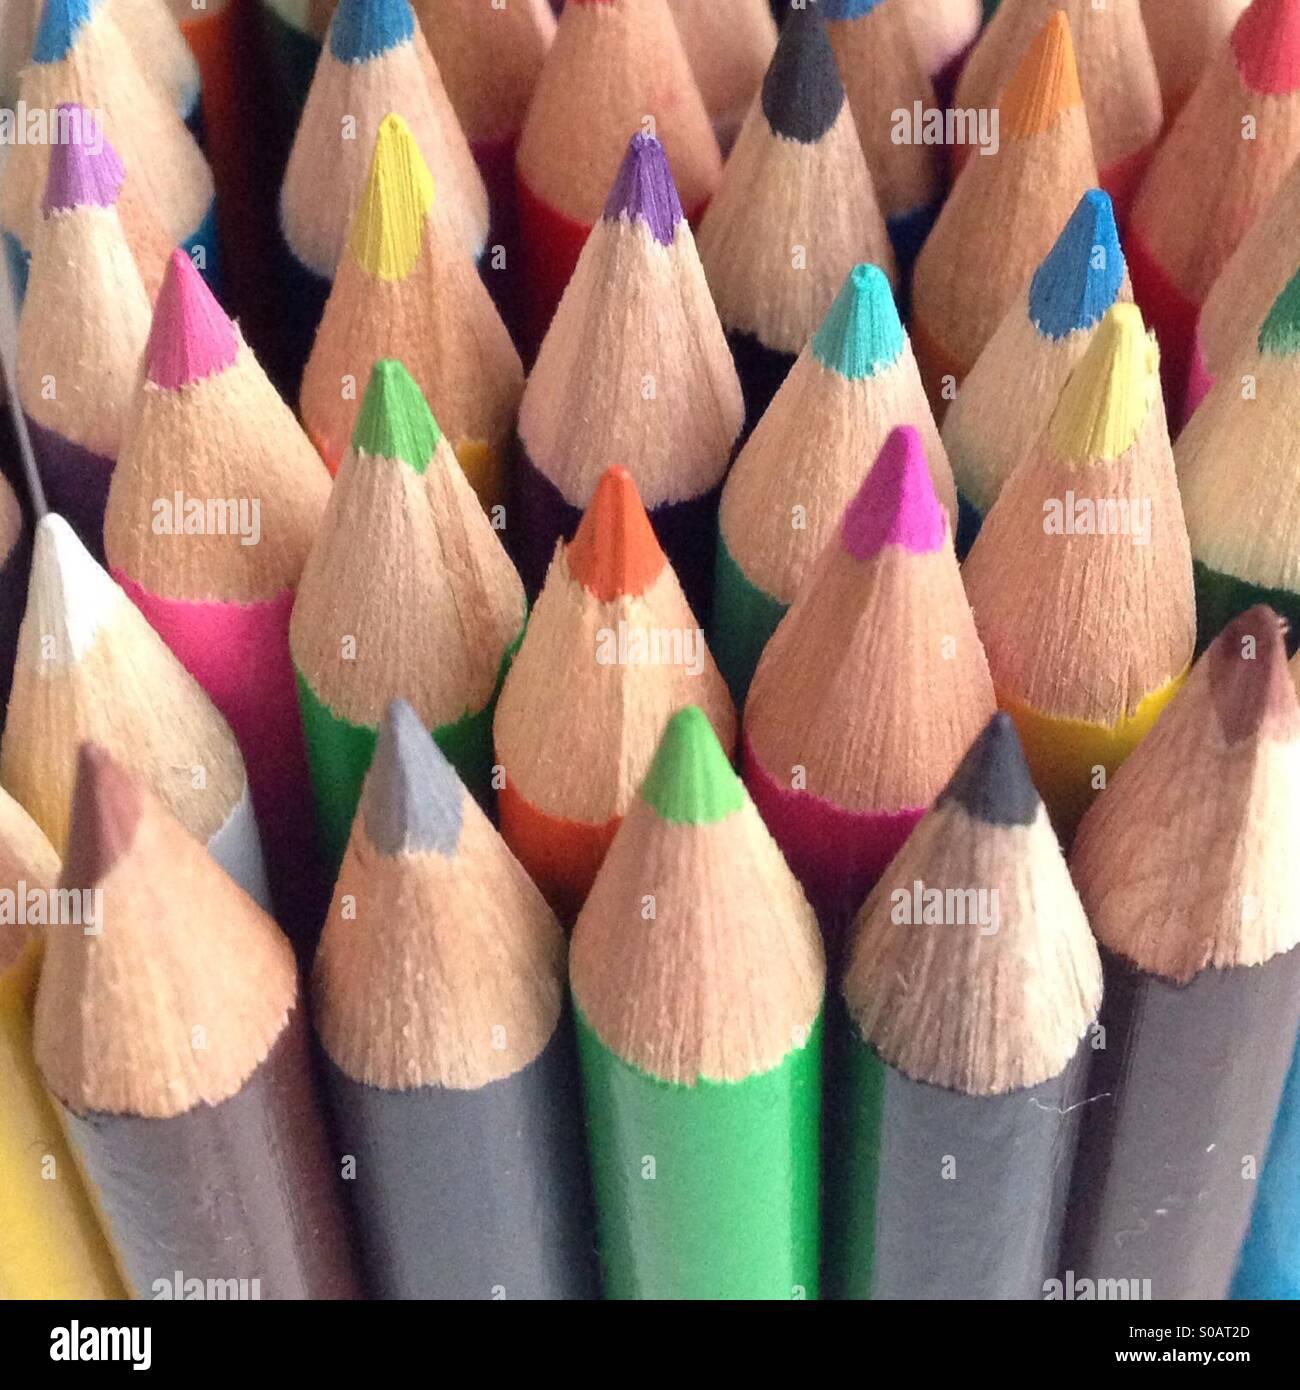 Todos los colores juntos Imagen De Stock